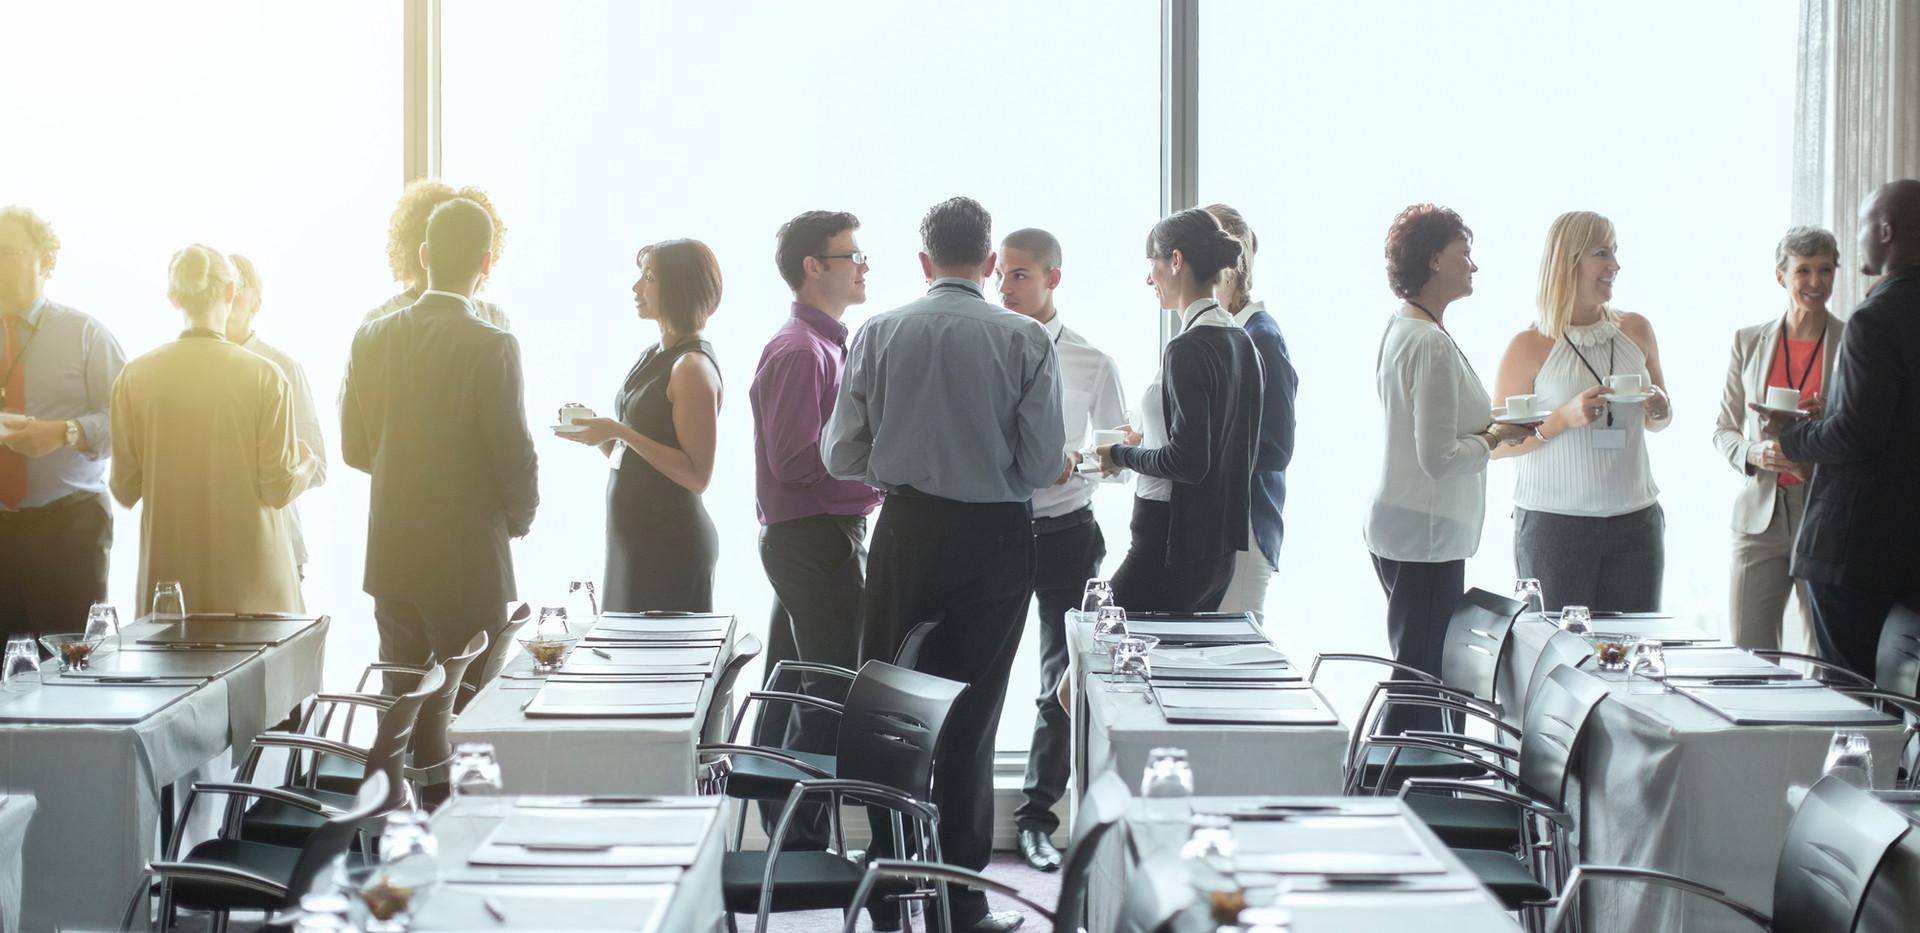 Zakelijke vergadering